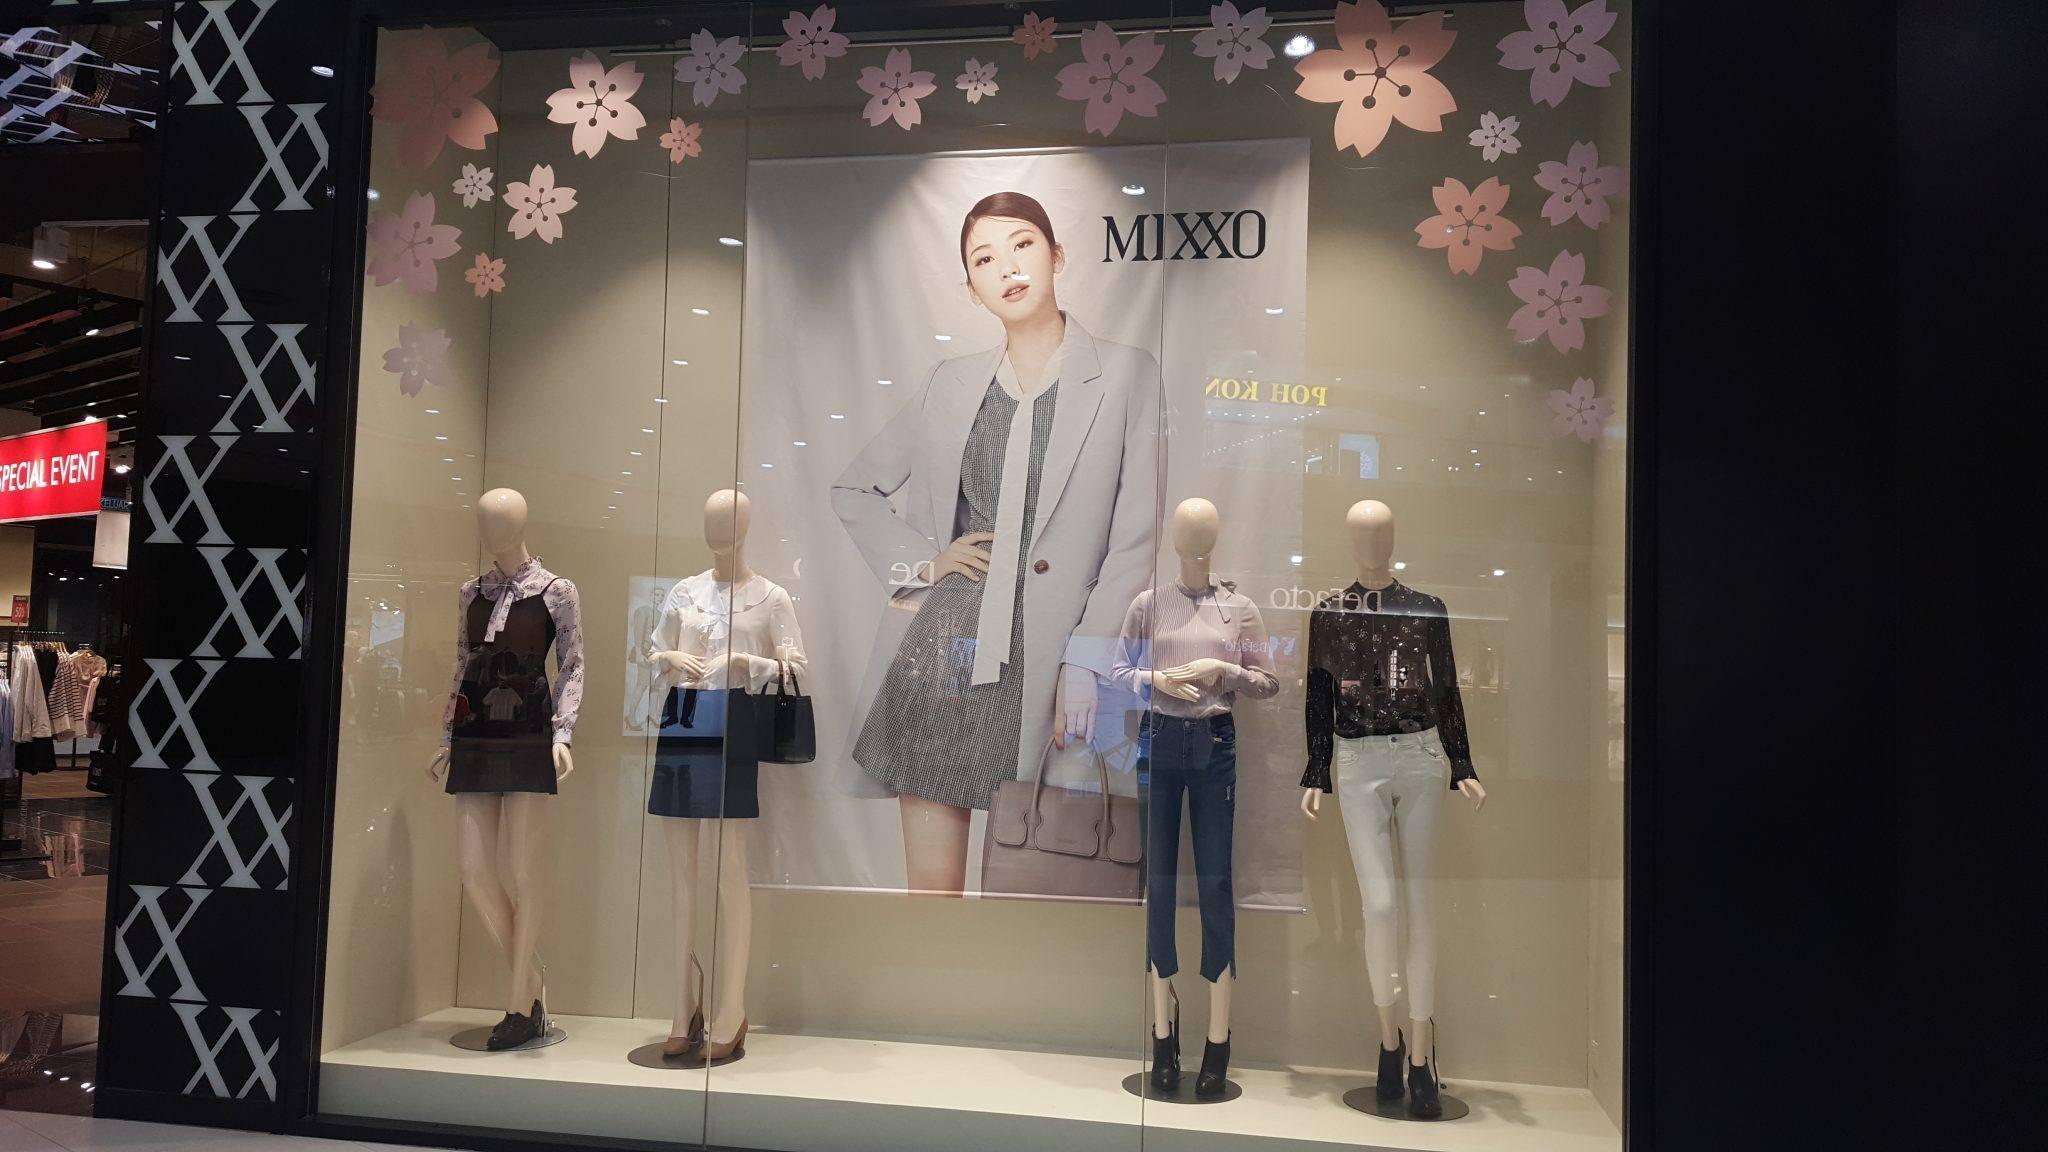 Mixxo Korea at Johor